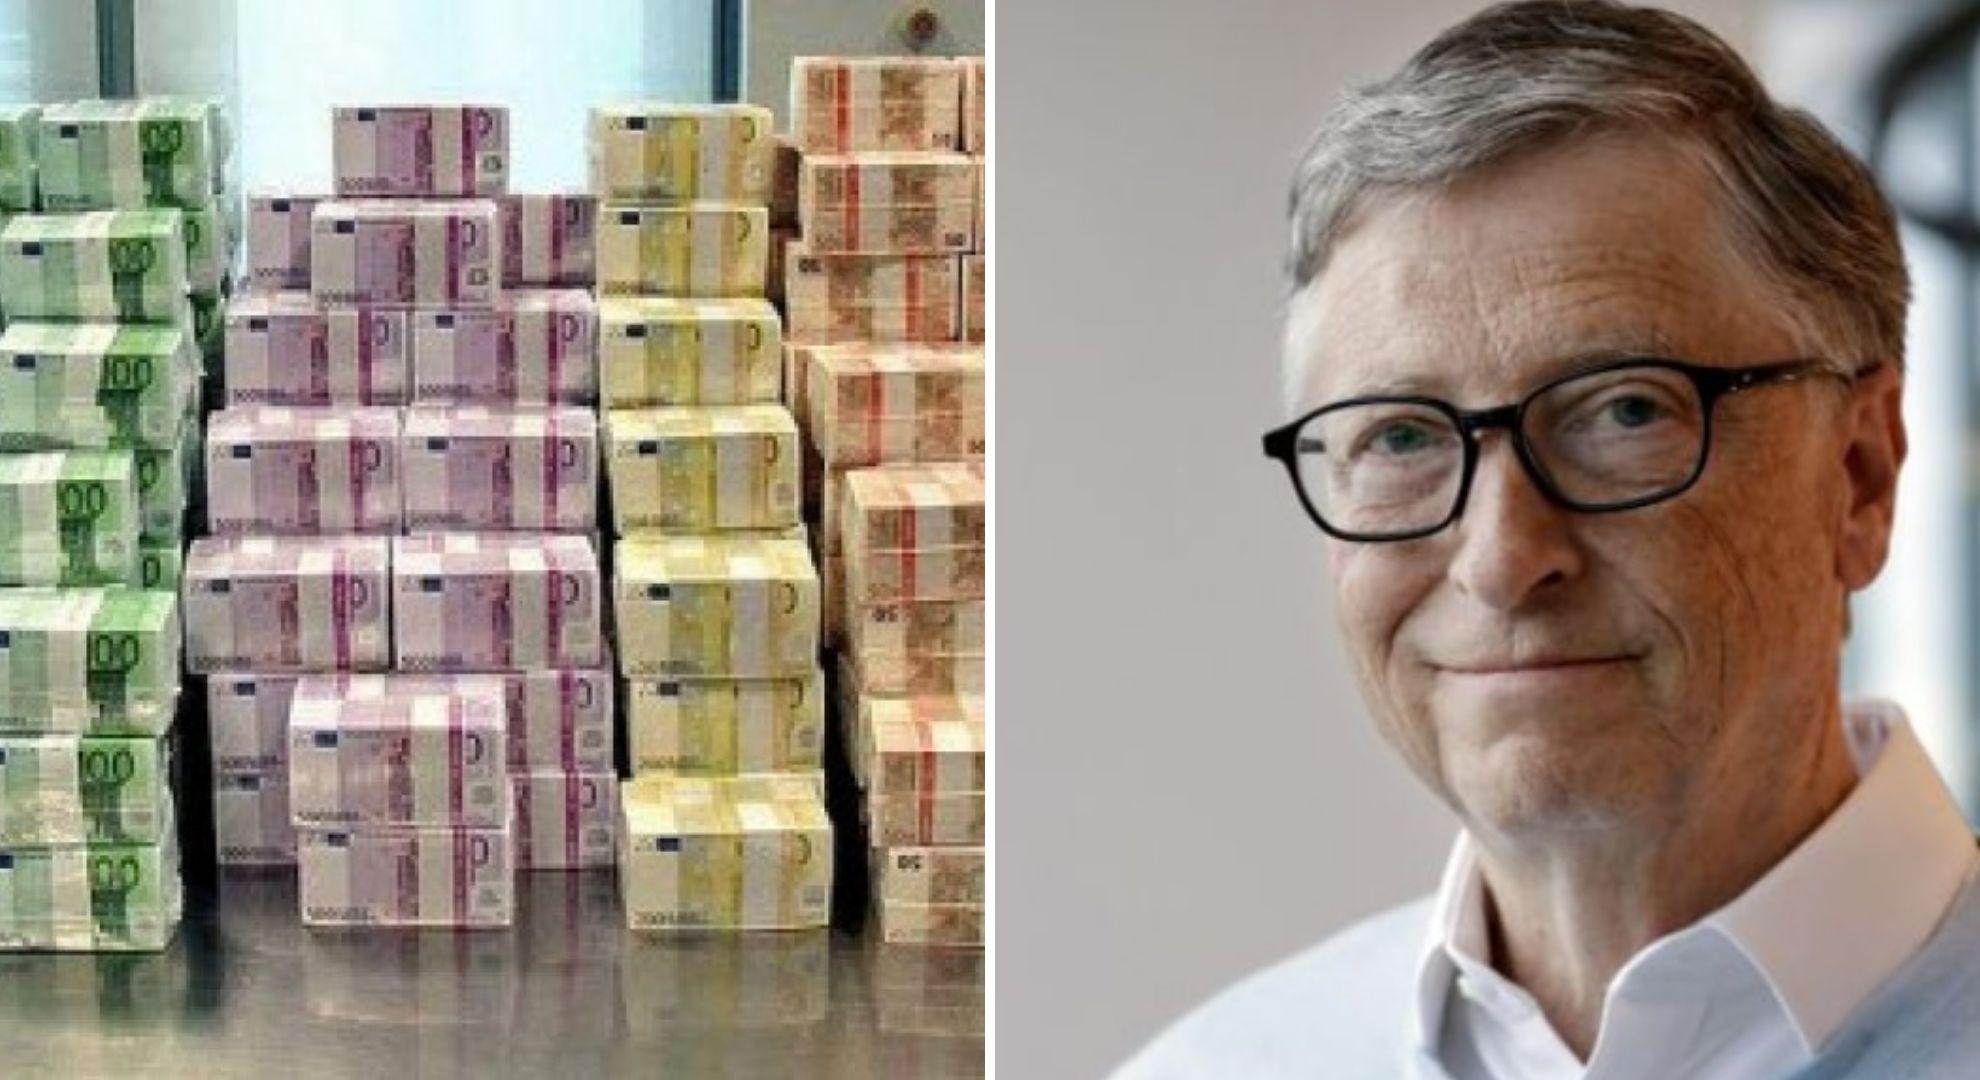 Bill Gates a fost detronat. Cine este acum al doilea cel mai bogat om din lume